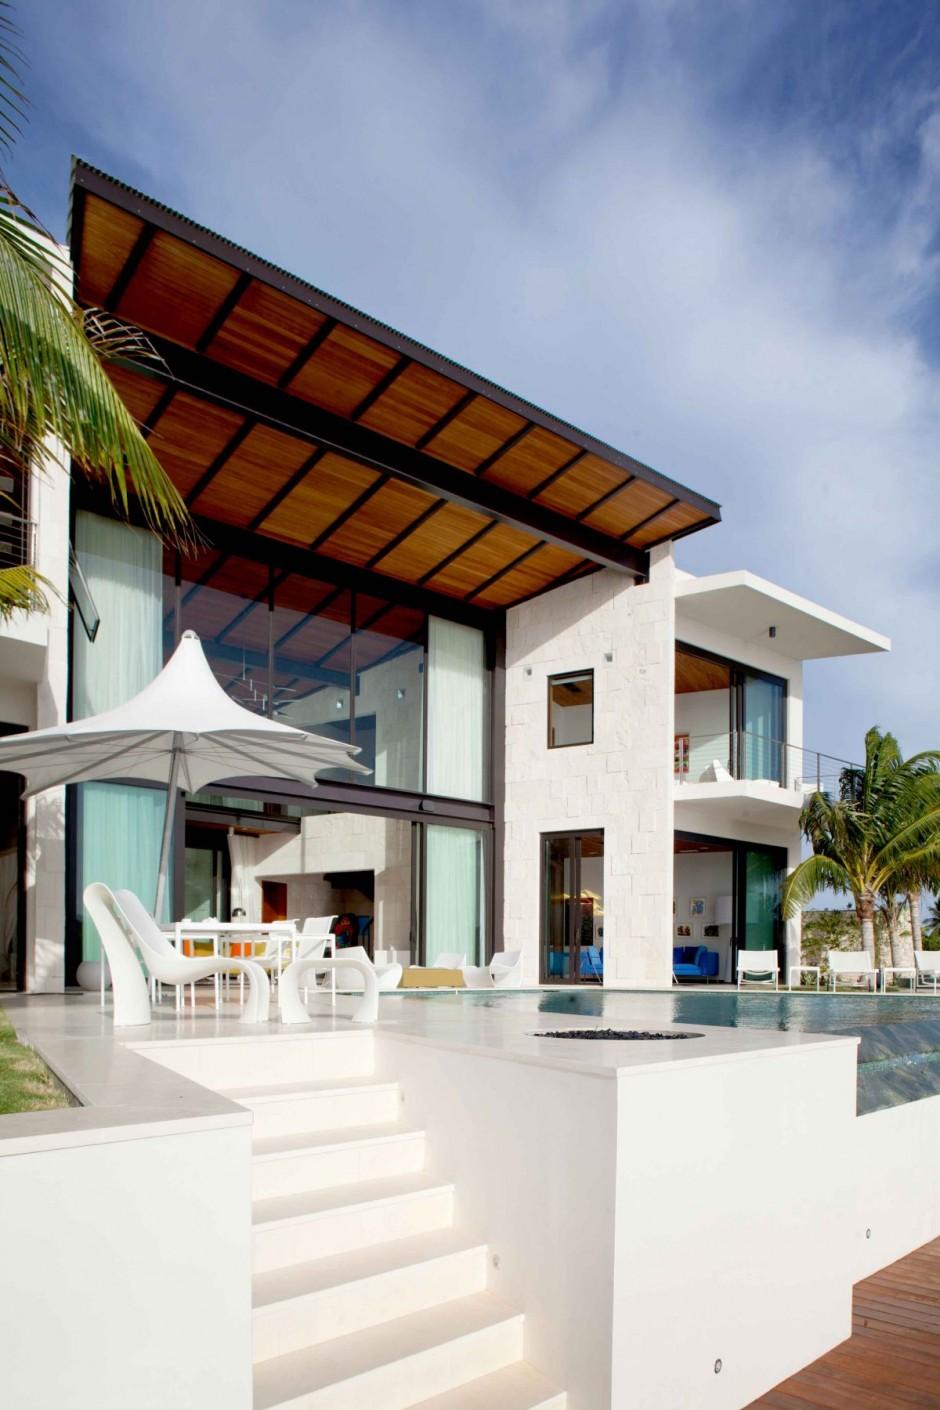 Luxurious bonaire house design panda 39 s house for Shouse designs